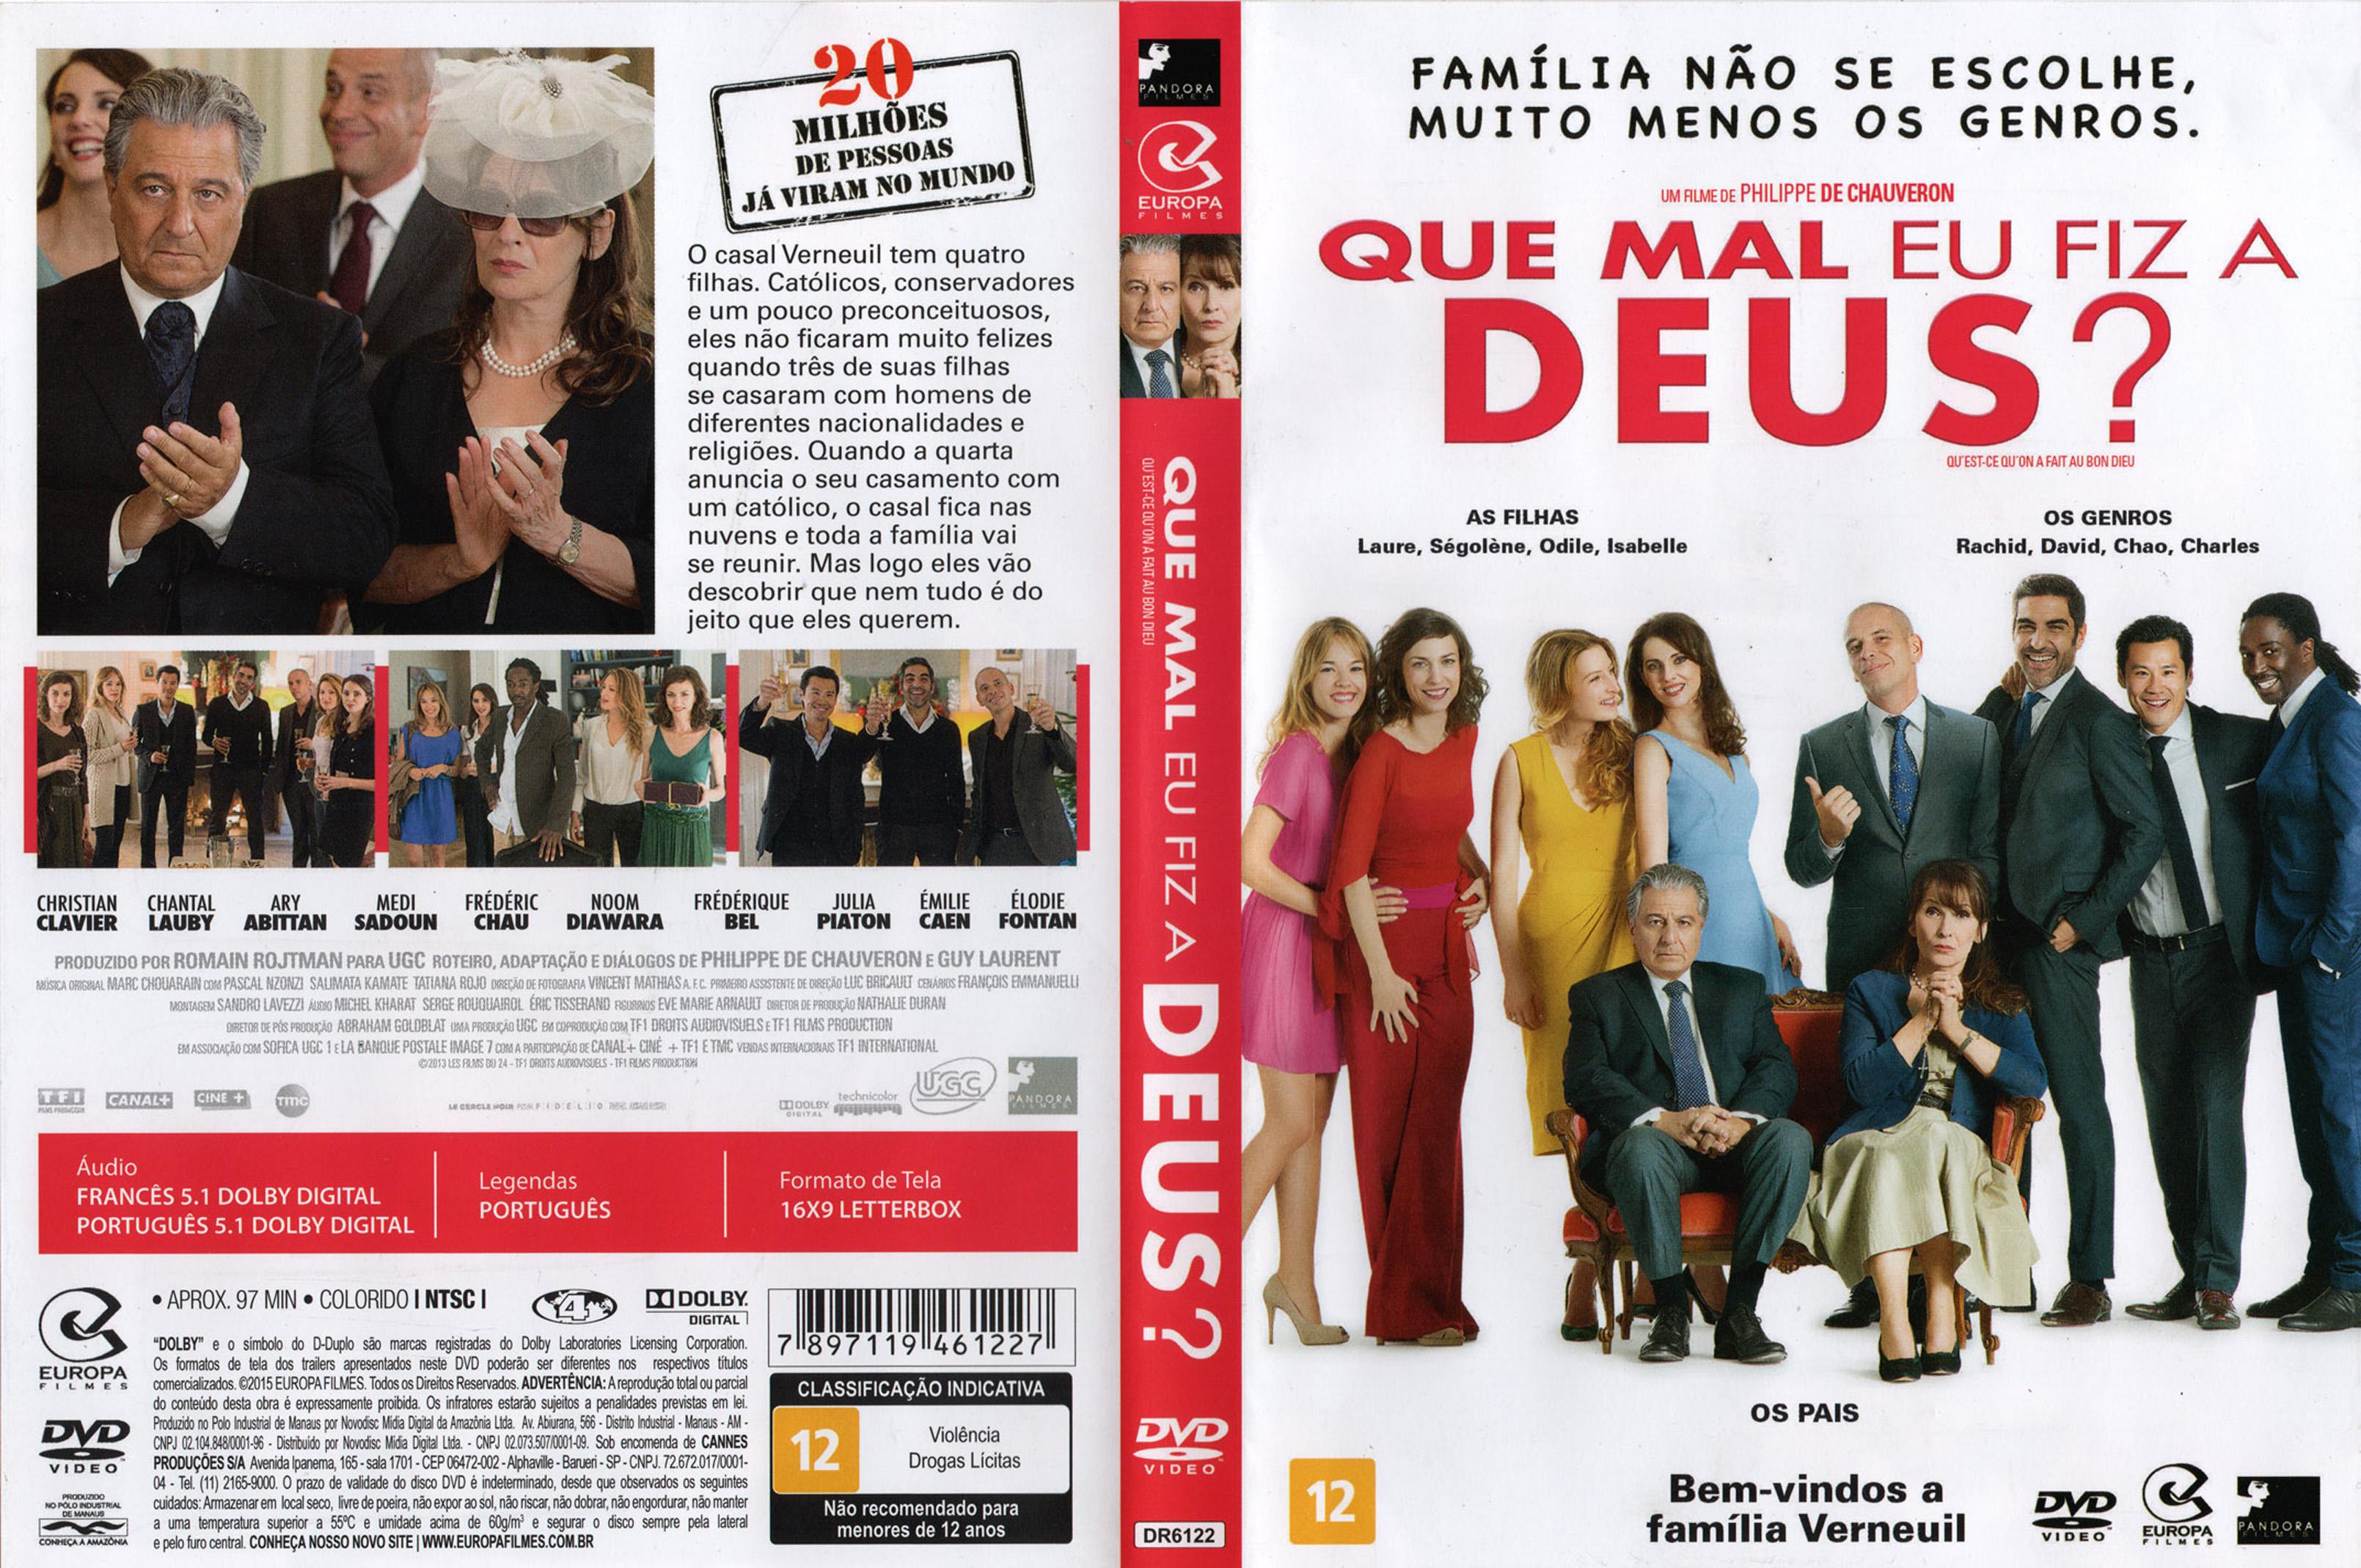 QueMaleuFizaDeus